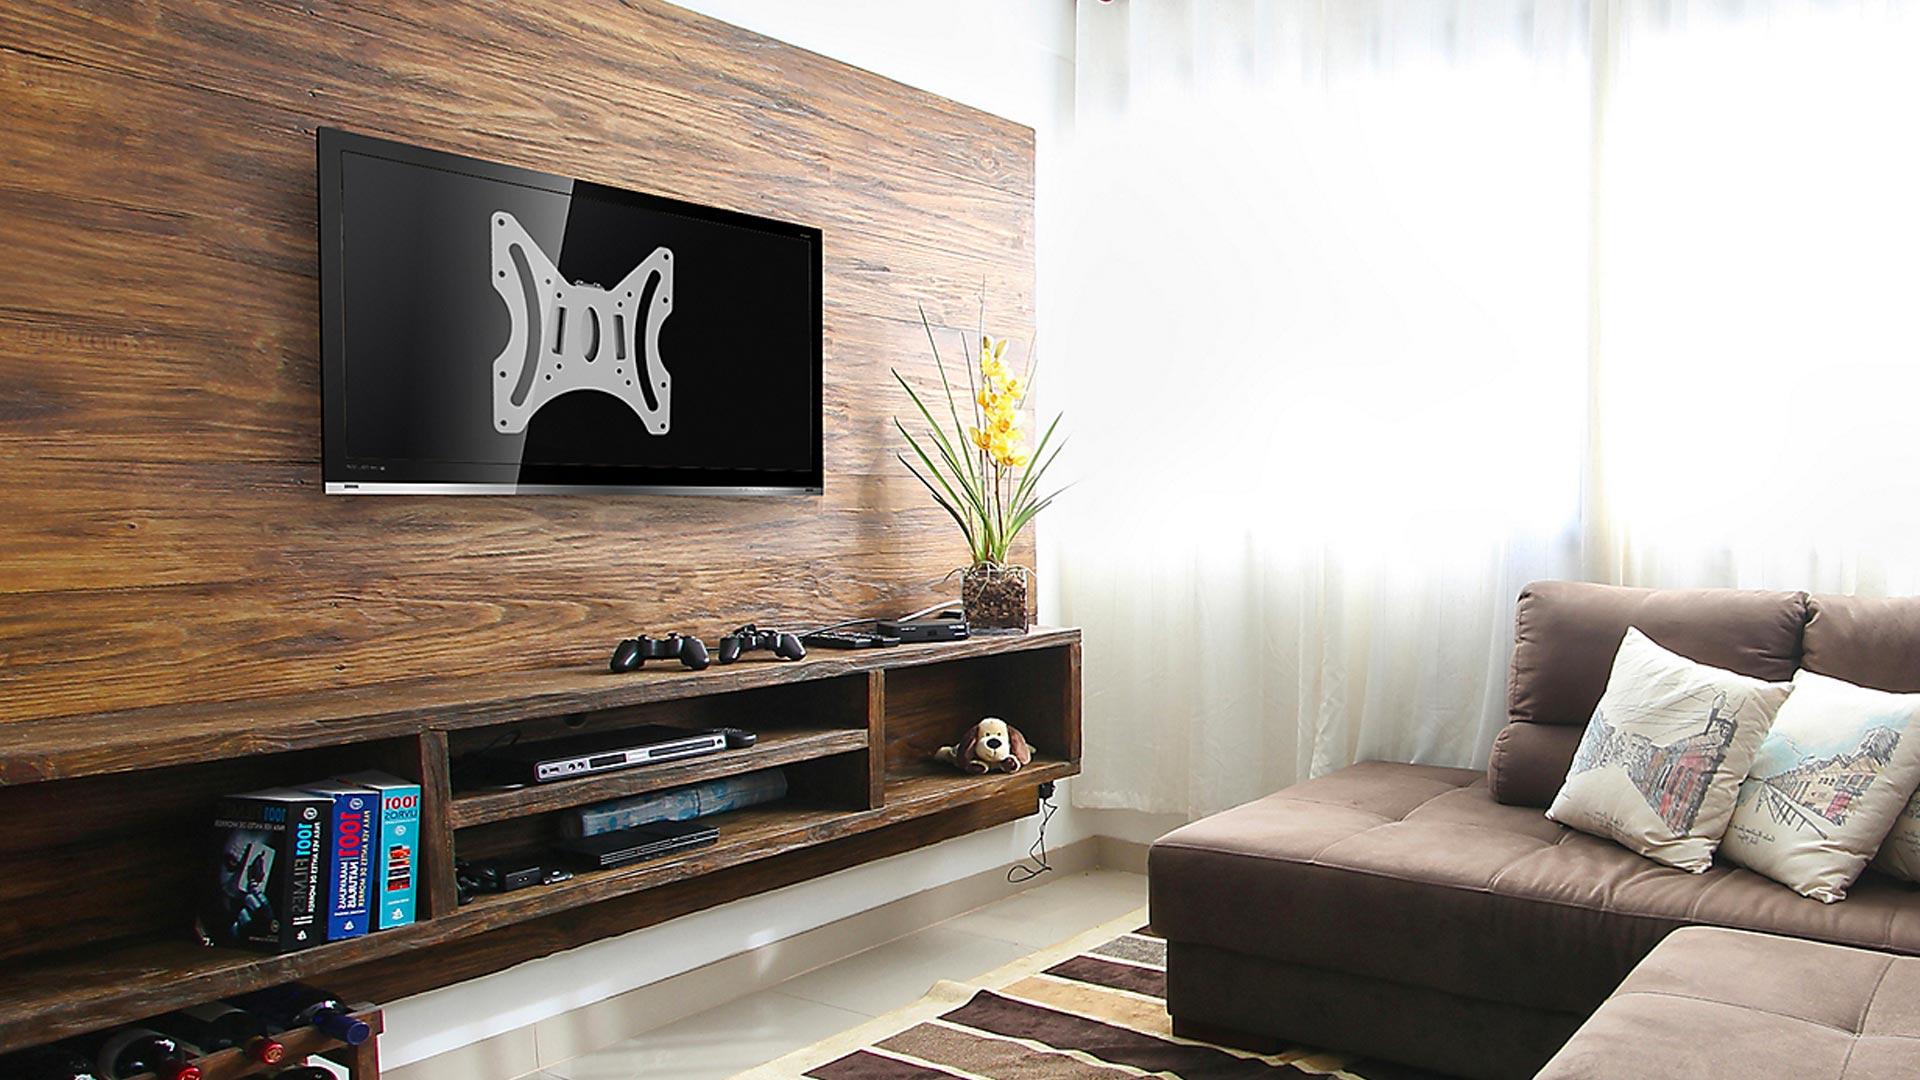 El televisor es un mueble más dentro de nuestra casa, y muchas veces hay más de uno por hogar. Por lo mismo, te mostraremos cómo aprovechar al máximo los espacios ocupando soportes en los muros y en el cielo, para que puedas decidir cuál de todos te acomoda más y disfrutes tus momentos libres sin inconvenientes.